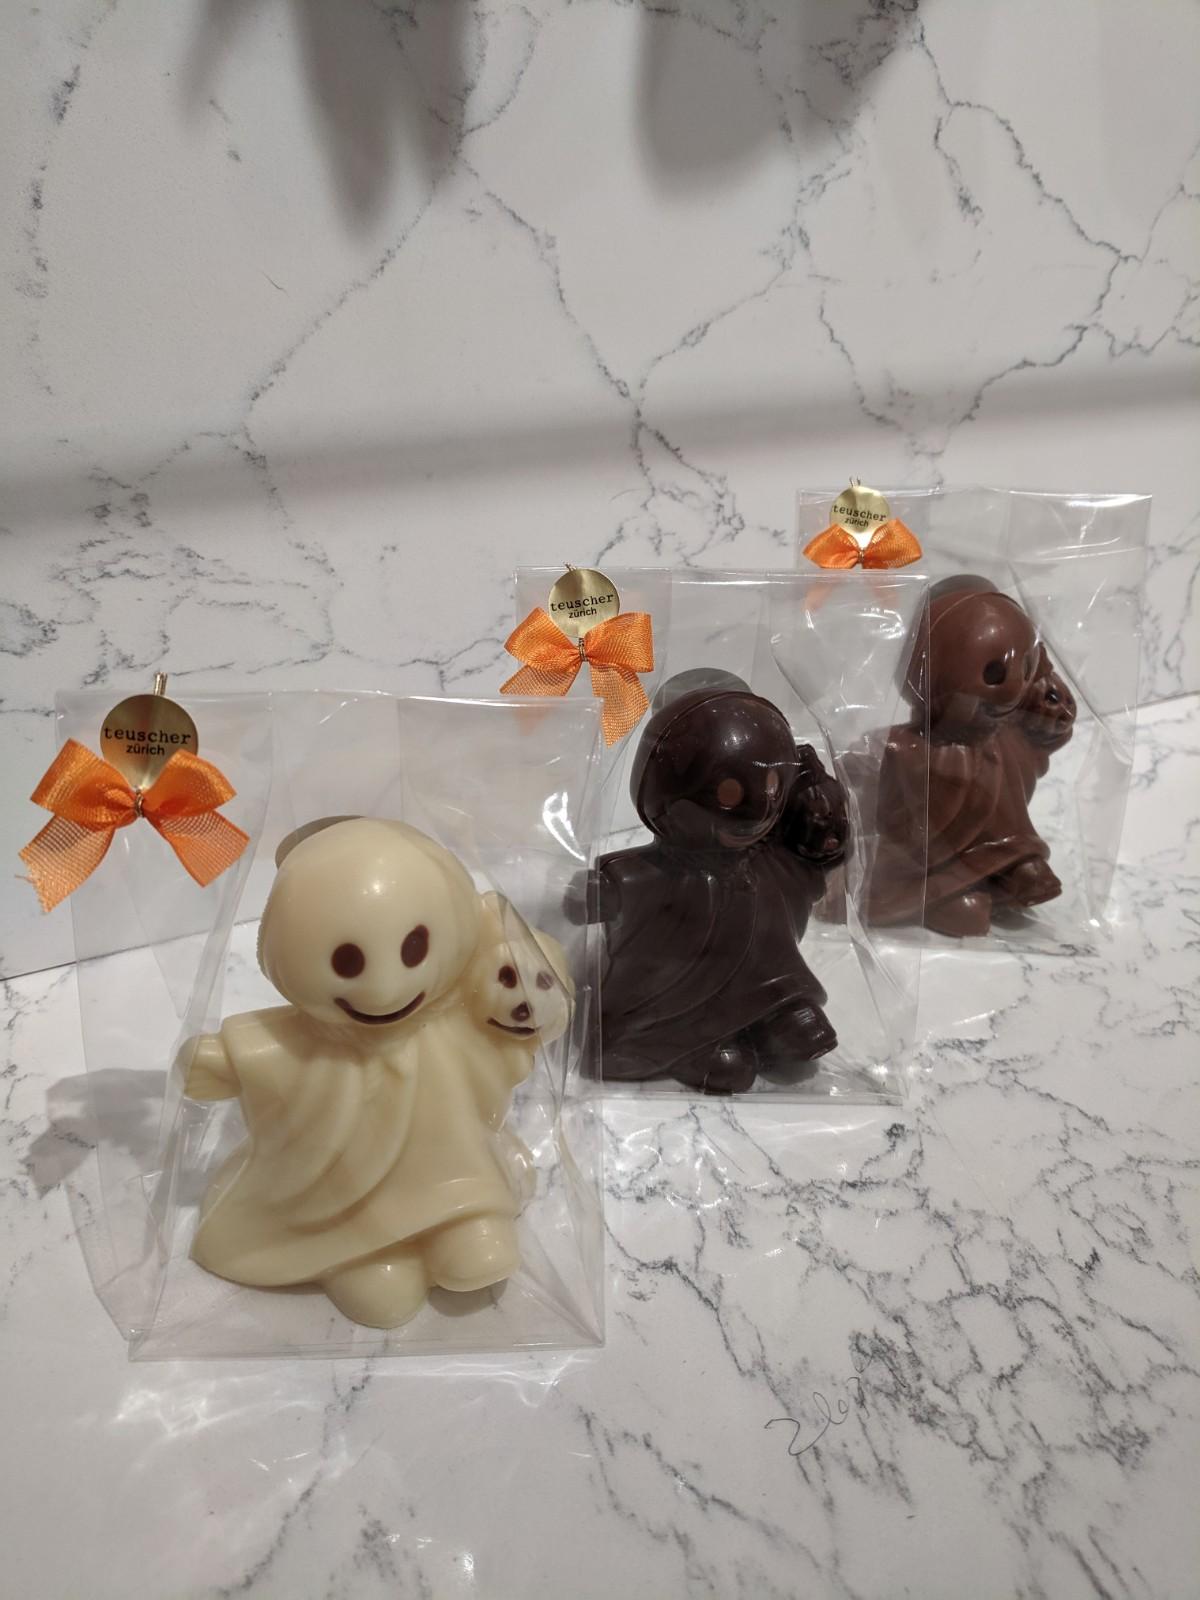 003.1-003.2-003.3-ghost-in-cellow-milk-dark-white.jpg